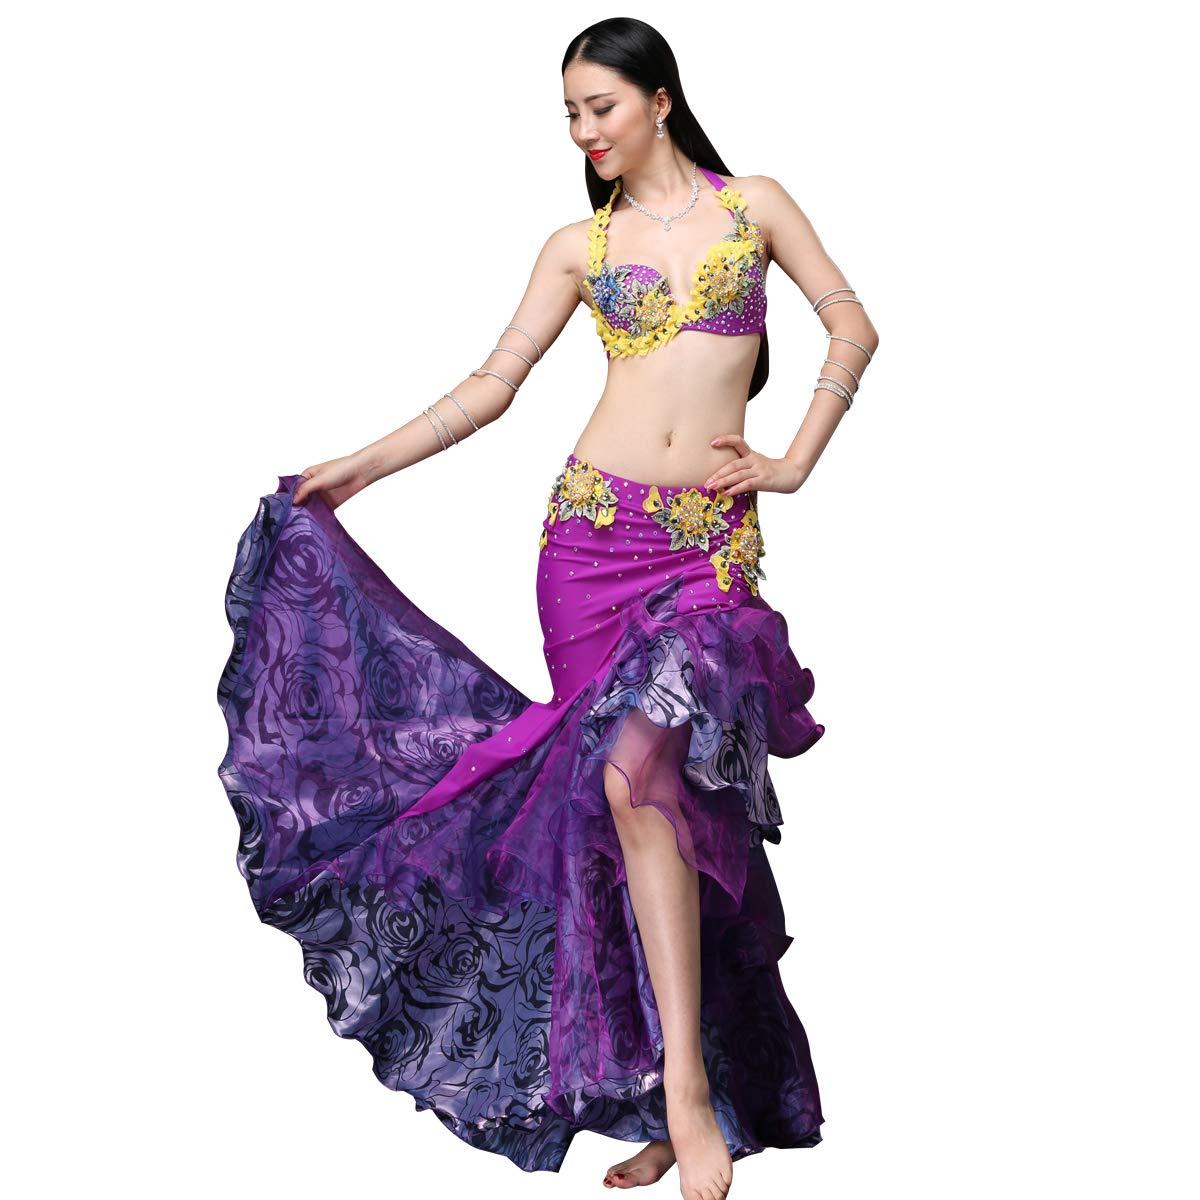 豪華なベリーダンス衣装セット 2点セットビーズ刺繍プロ仕様ダンス服 パープル 高級演出服 ブラ スカート B07HP241CL Large